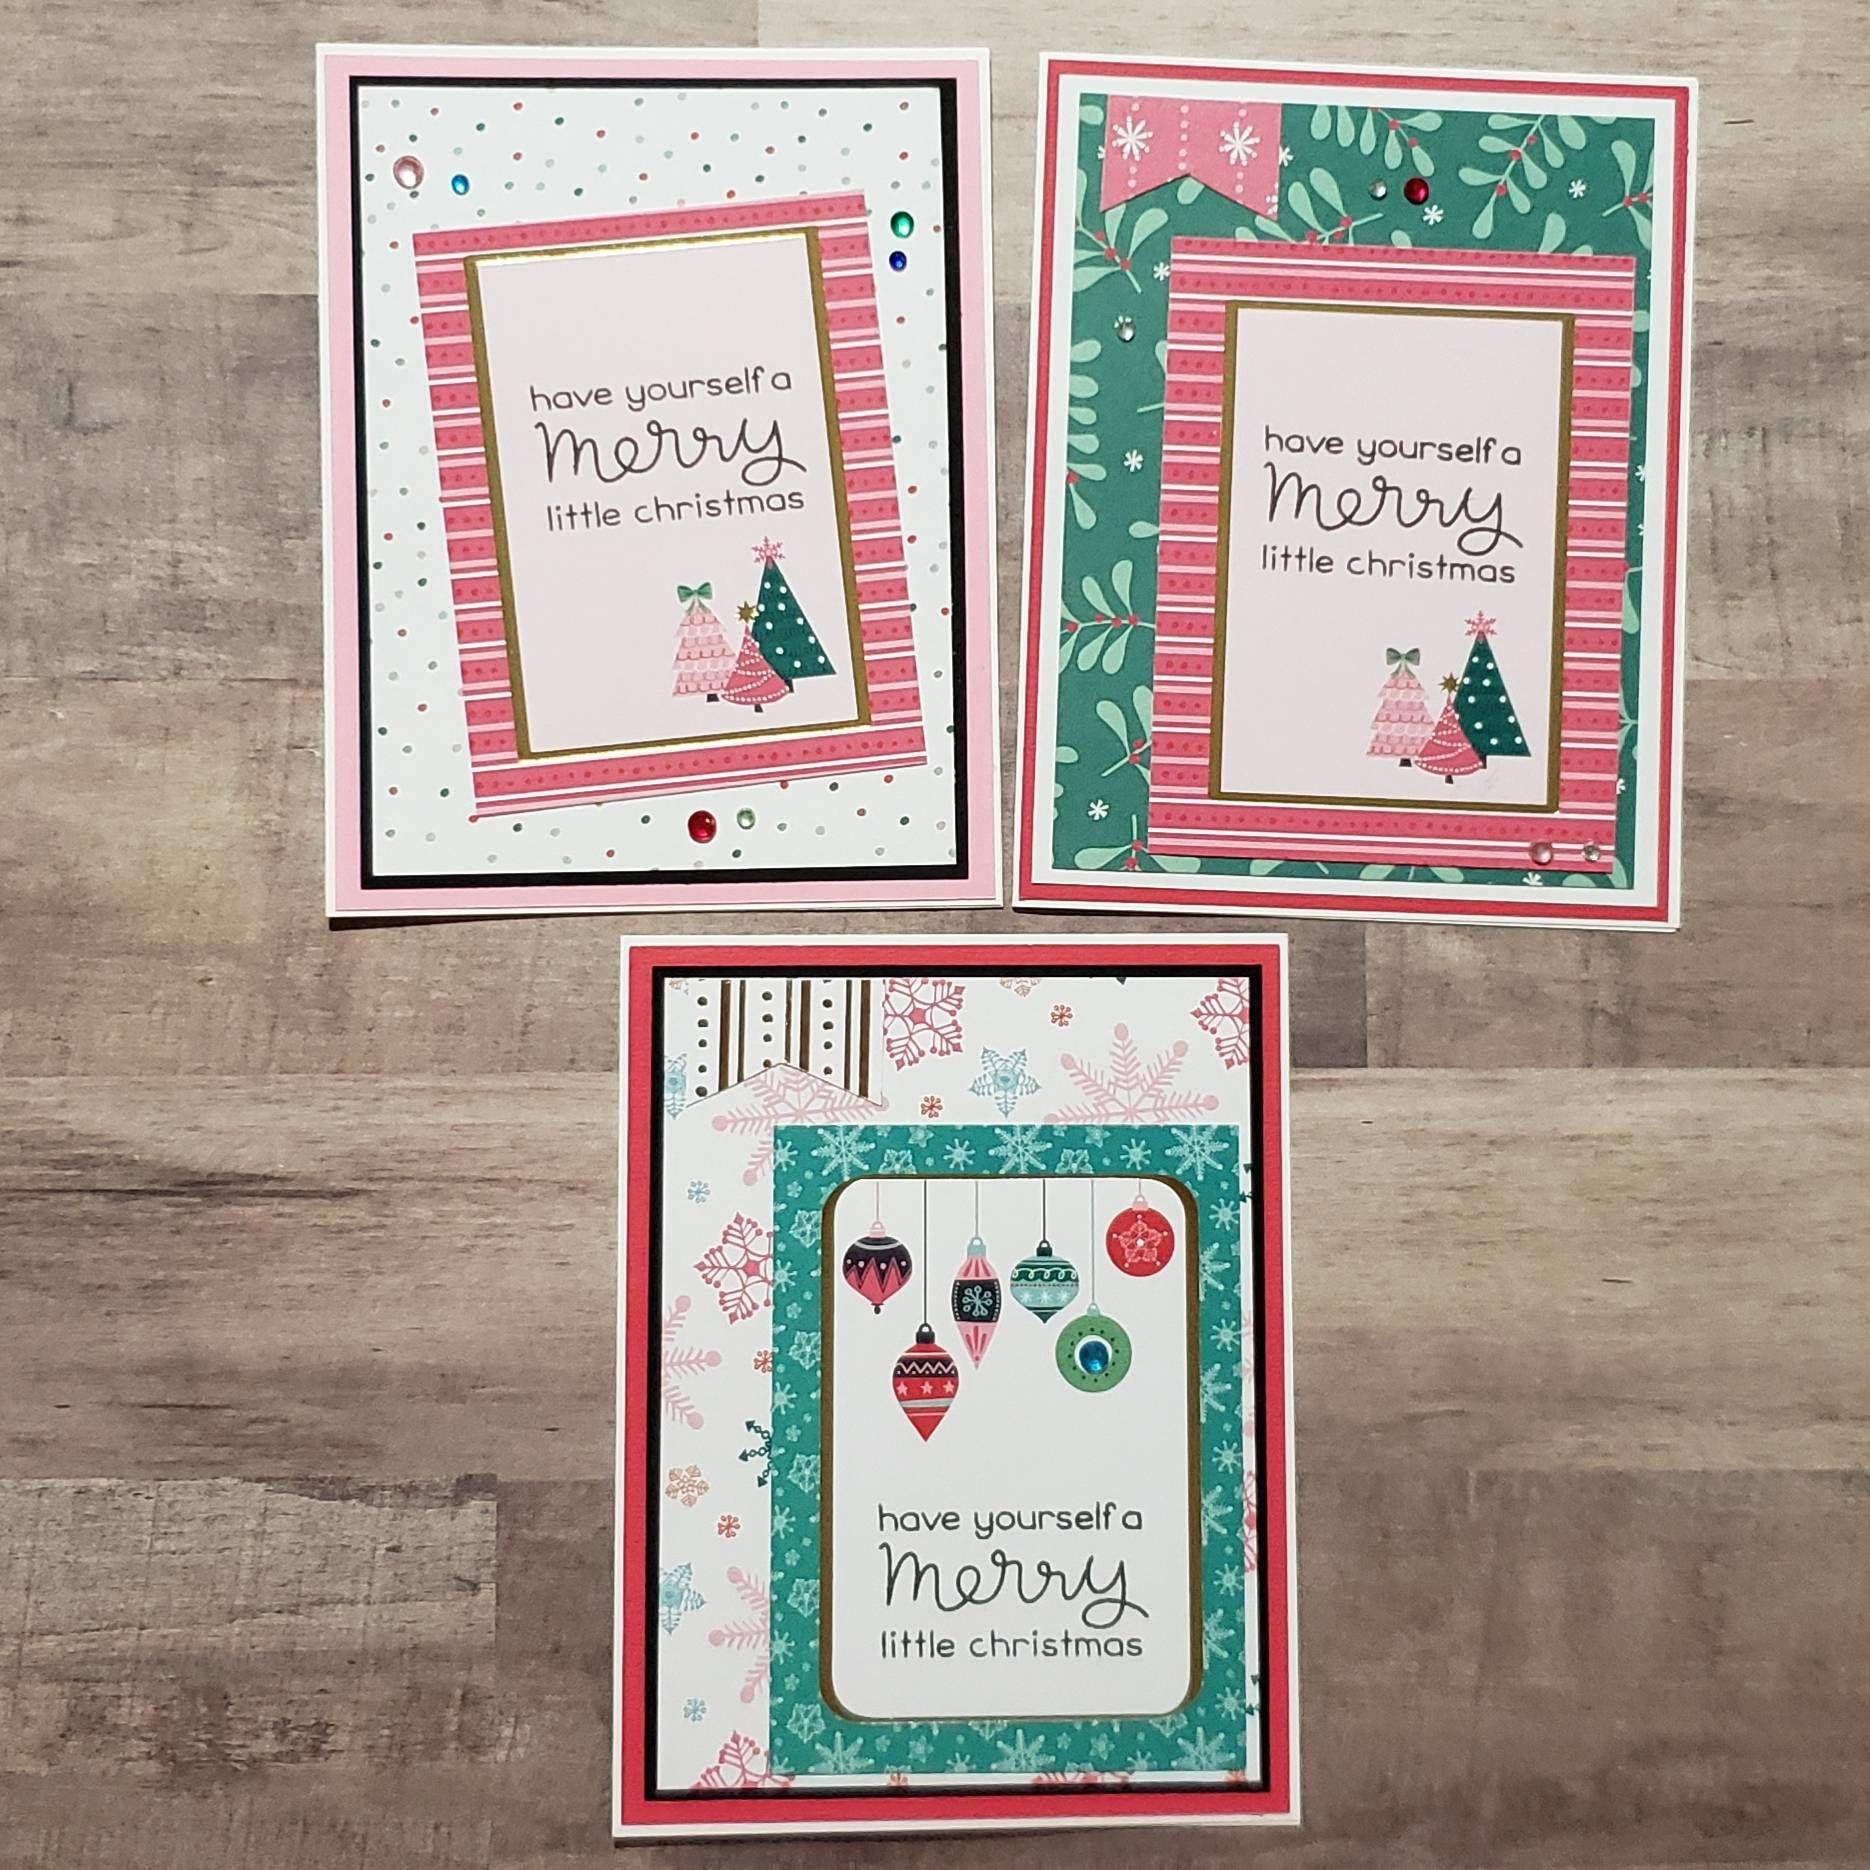 3 Homemade Christmas Cards Handcrafted Xmas Card Set Handmade